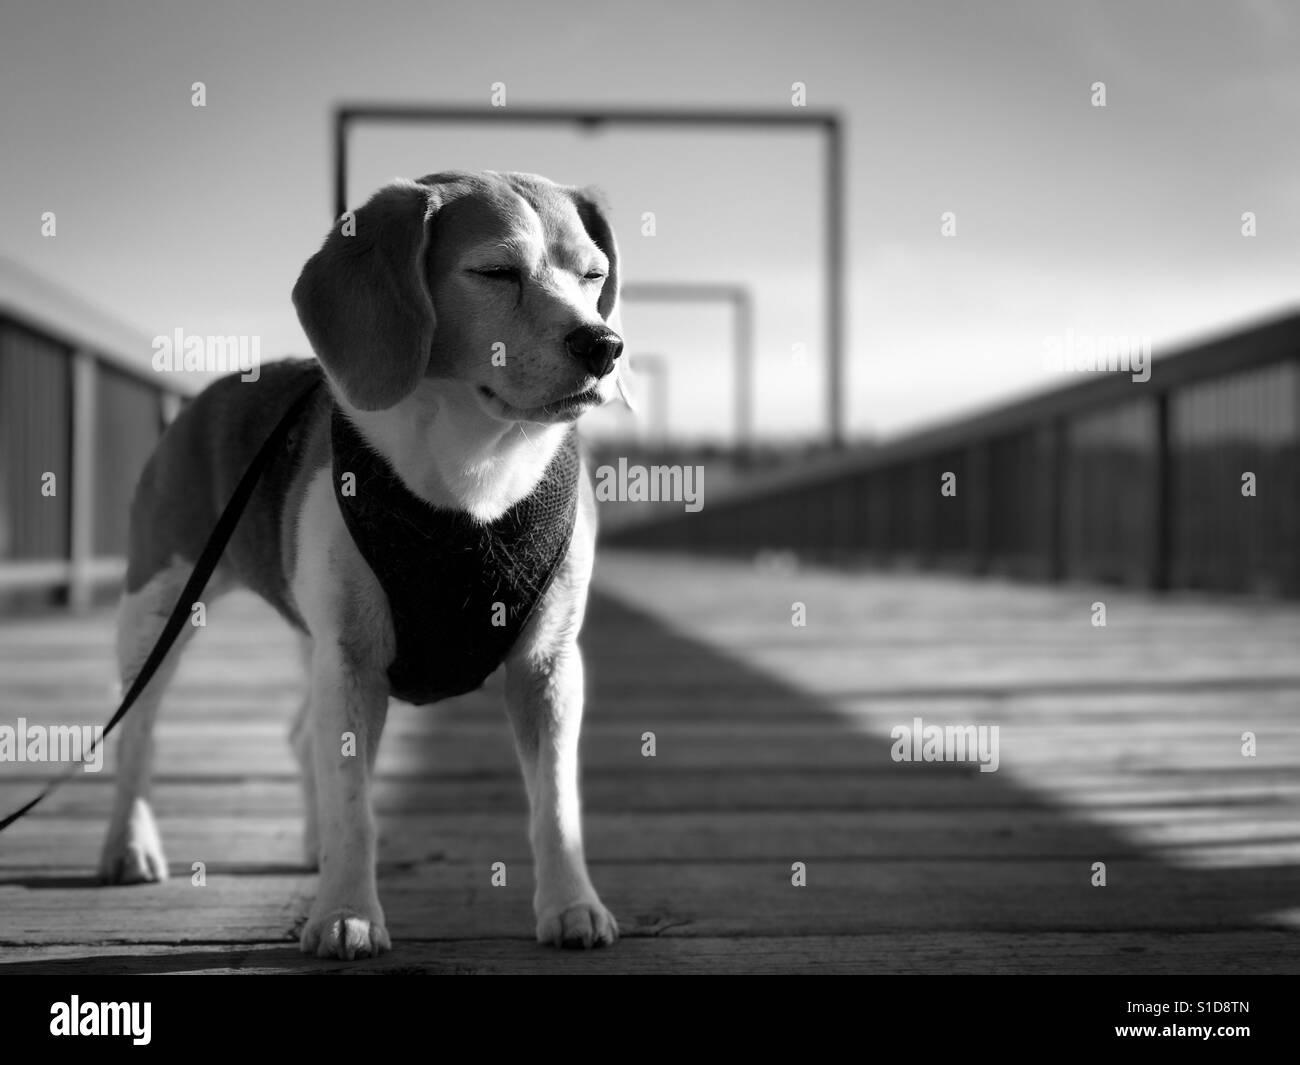 Hund auf einer Brücke. Stockfoto